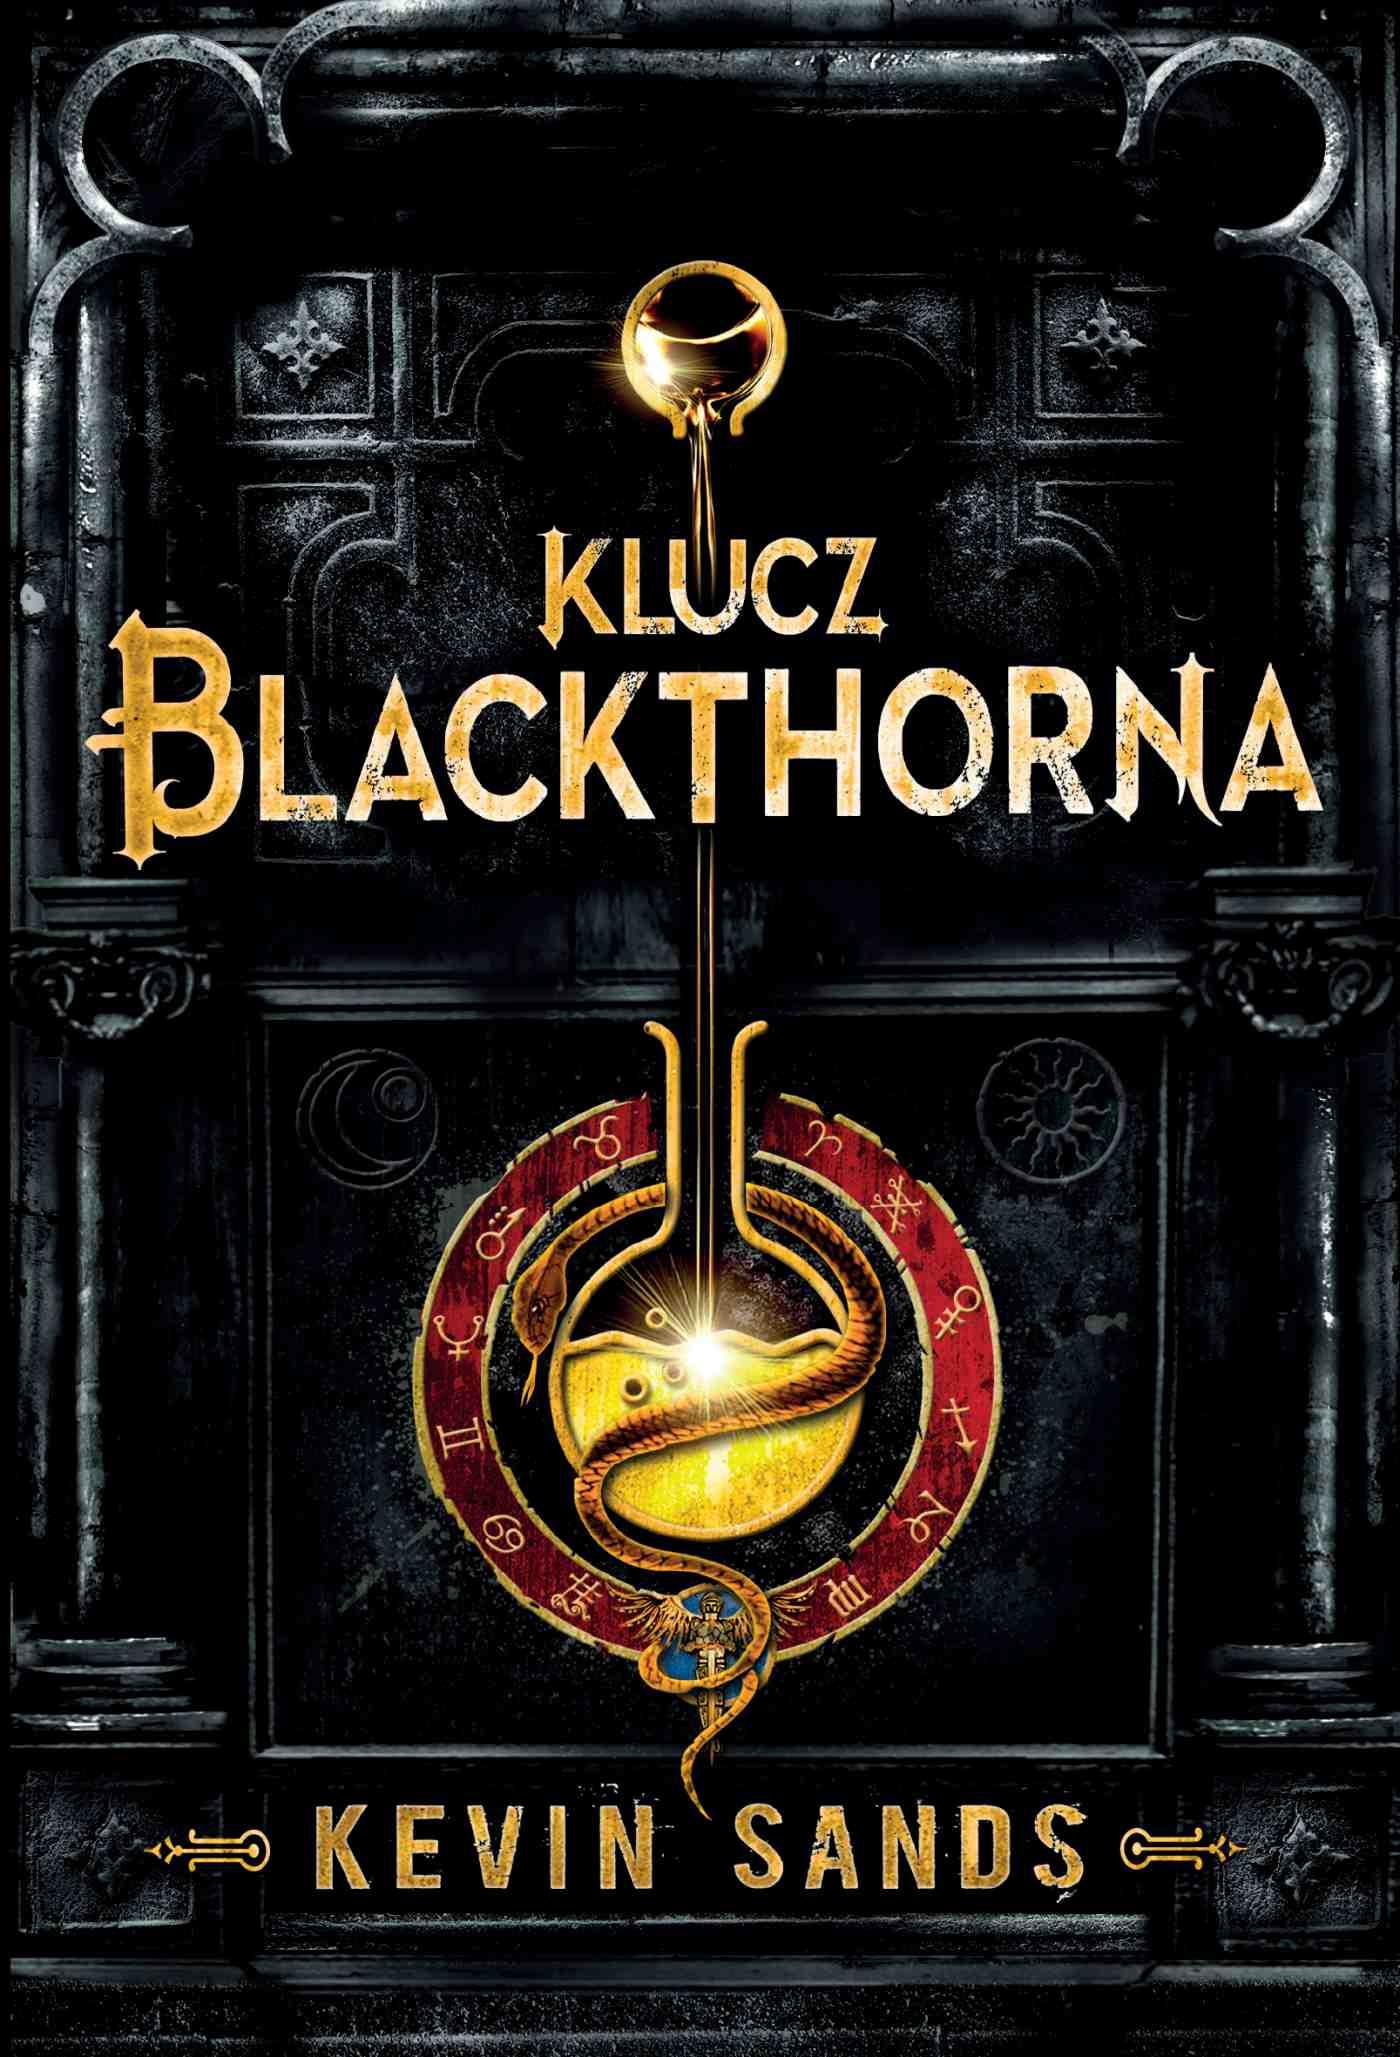 Klucz Blackthorna - Ebook (Książka na Kindle) do pobrania w formacie MOBI